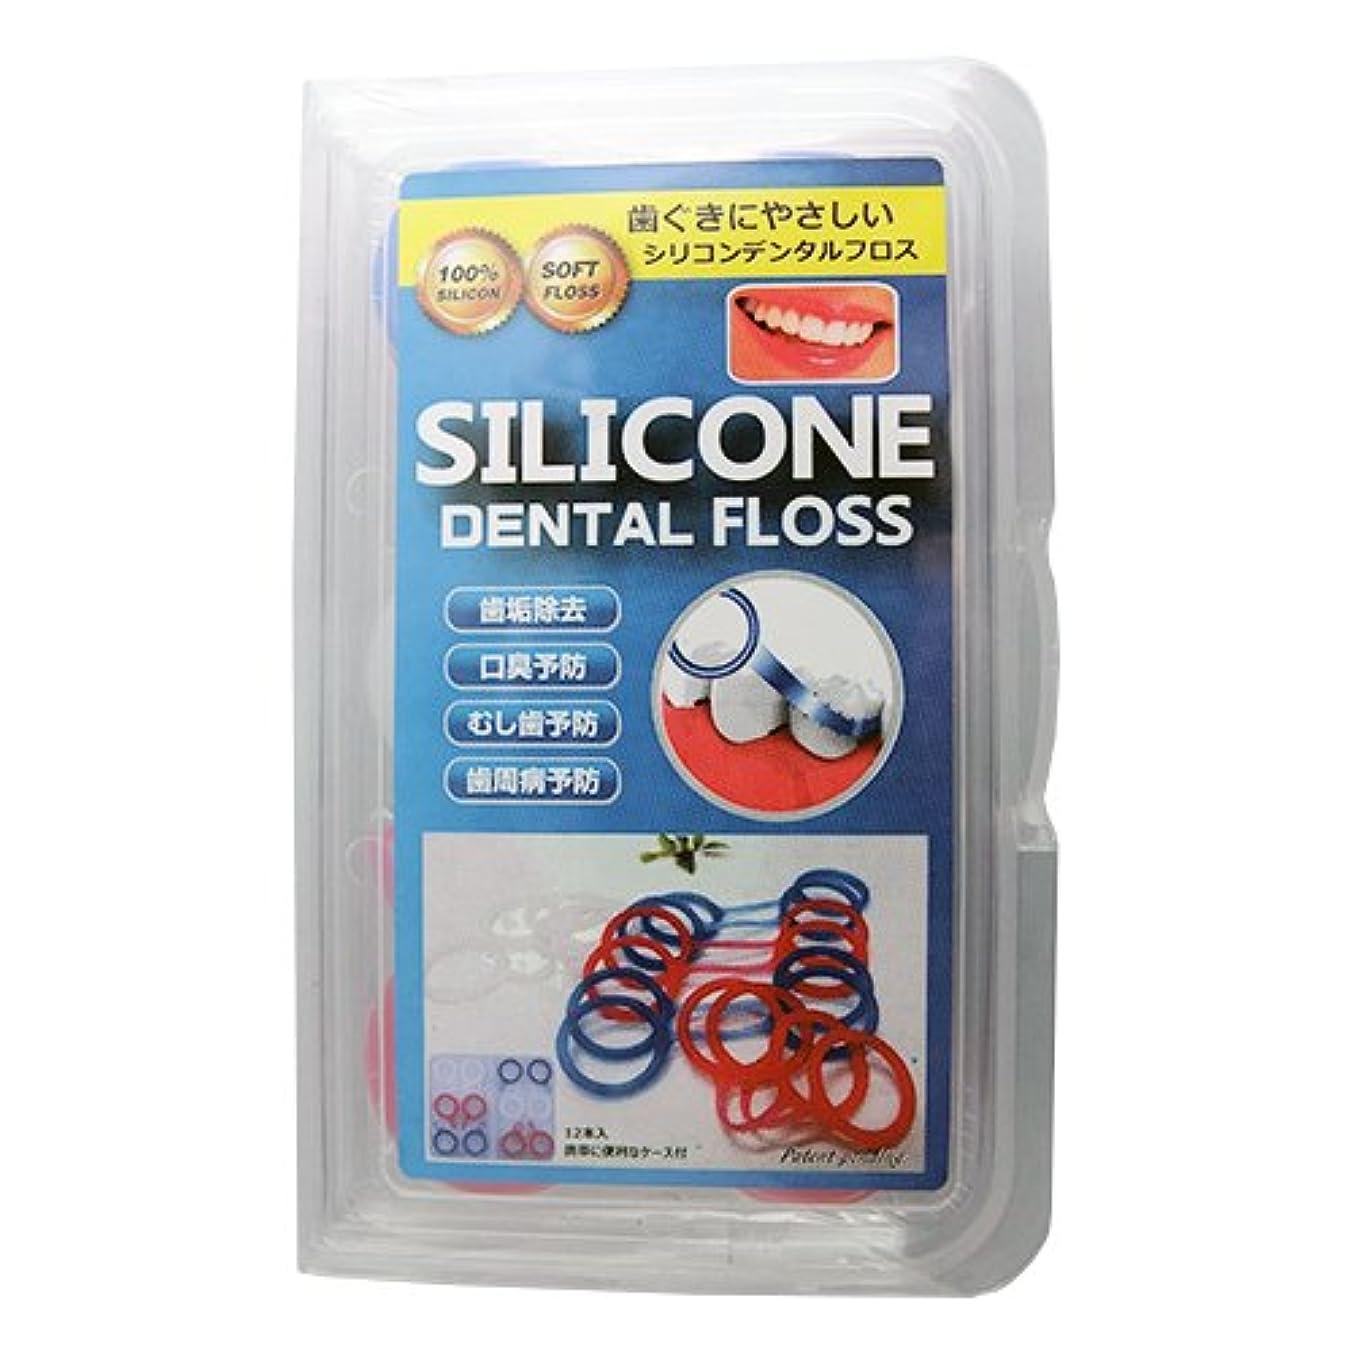 報復する無実ストロークマイクロテック シリコンデンタルフロス 1箱(12本入)